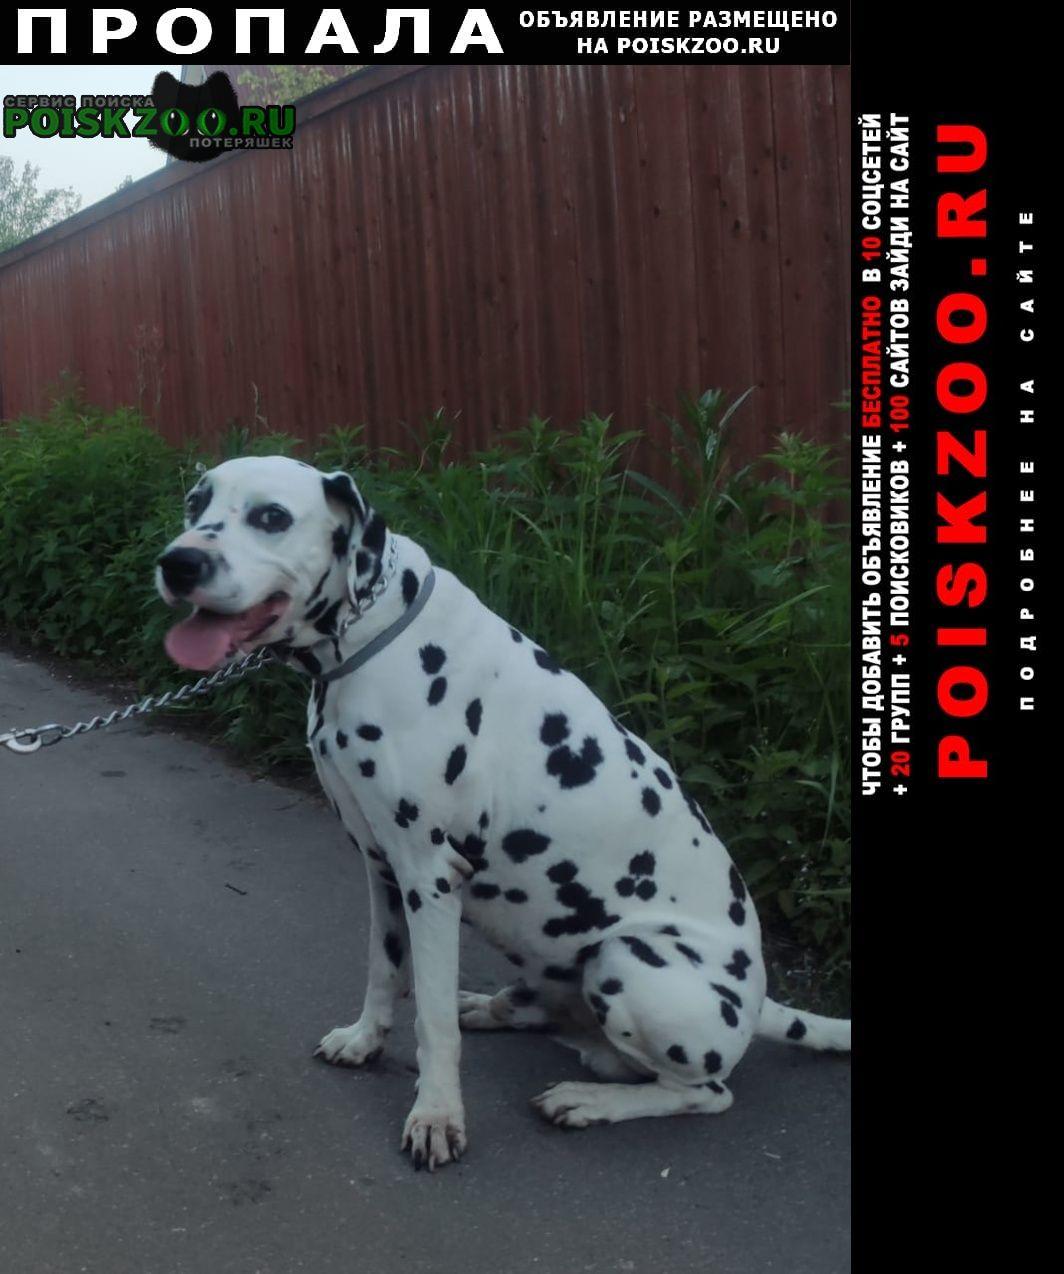 Пропала собака кобель далматин 12 апреля вечером 3 почтовое от Люберцы